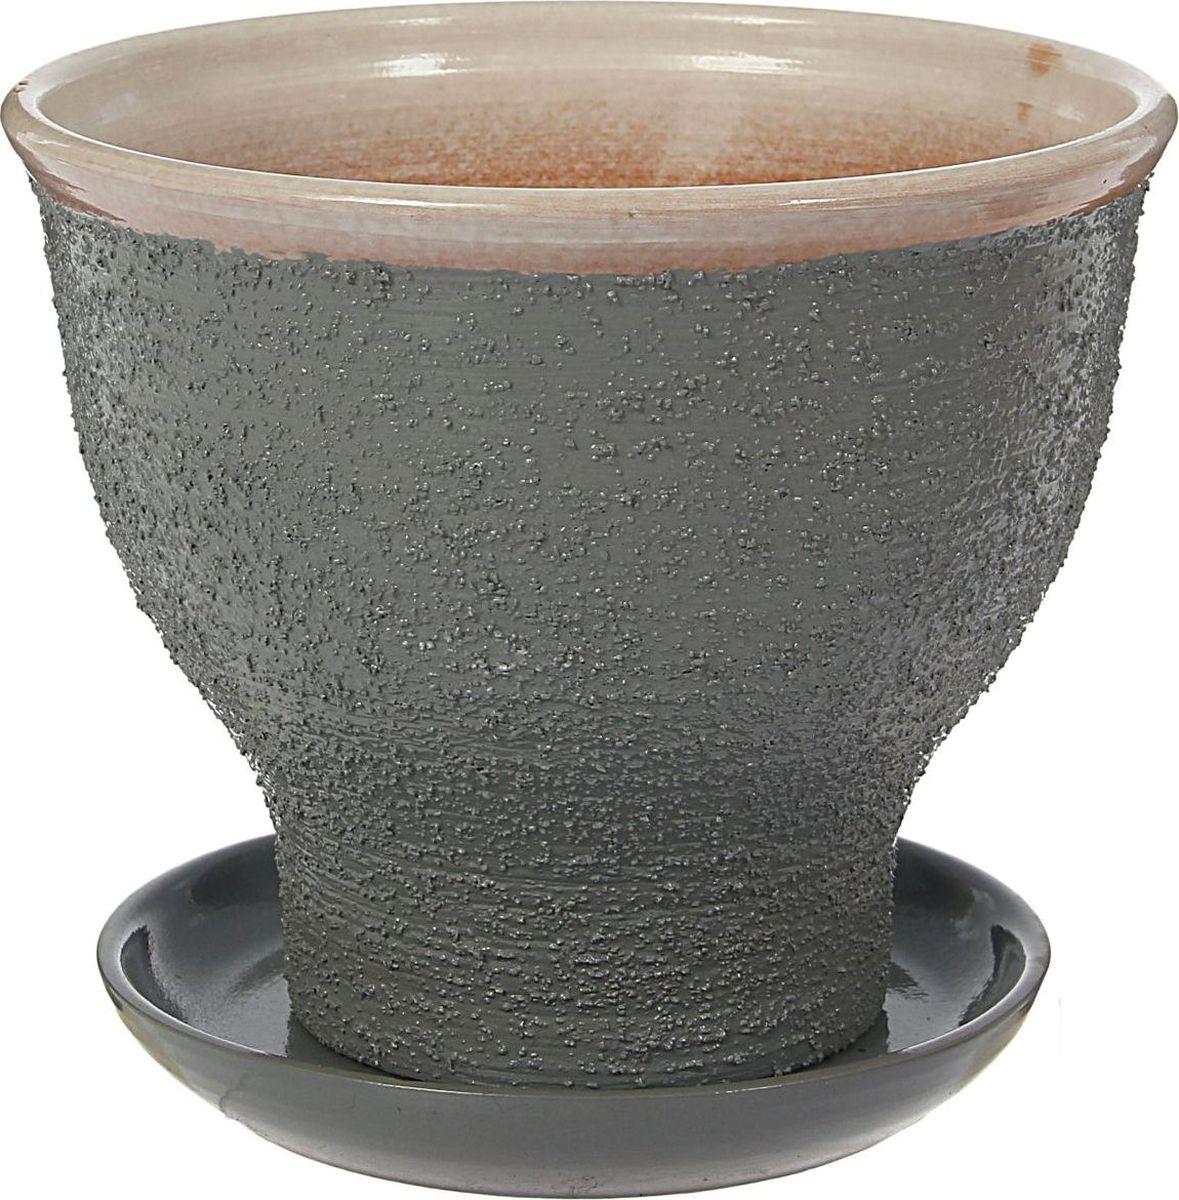 Кашпо Белла, цвет: серый, 18 х 18 х 15 см1422017